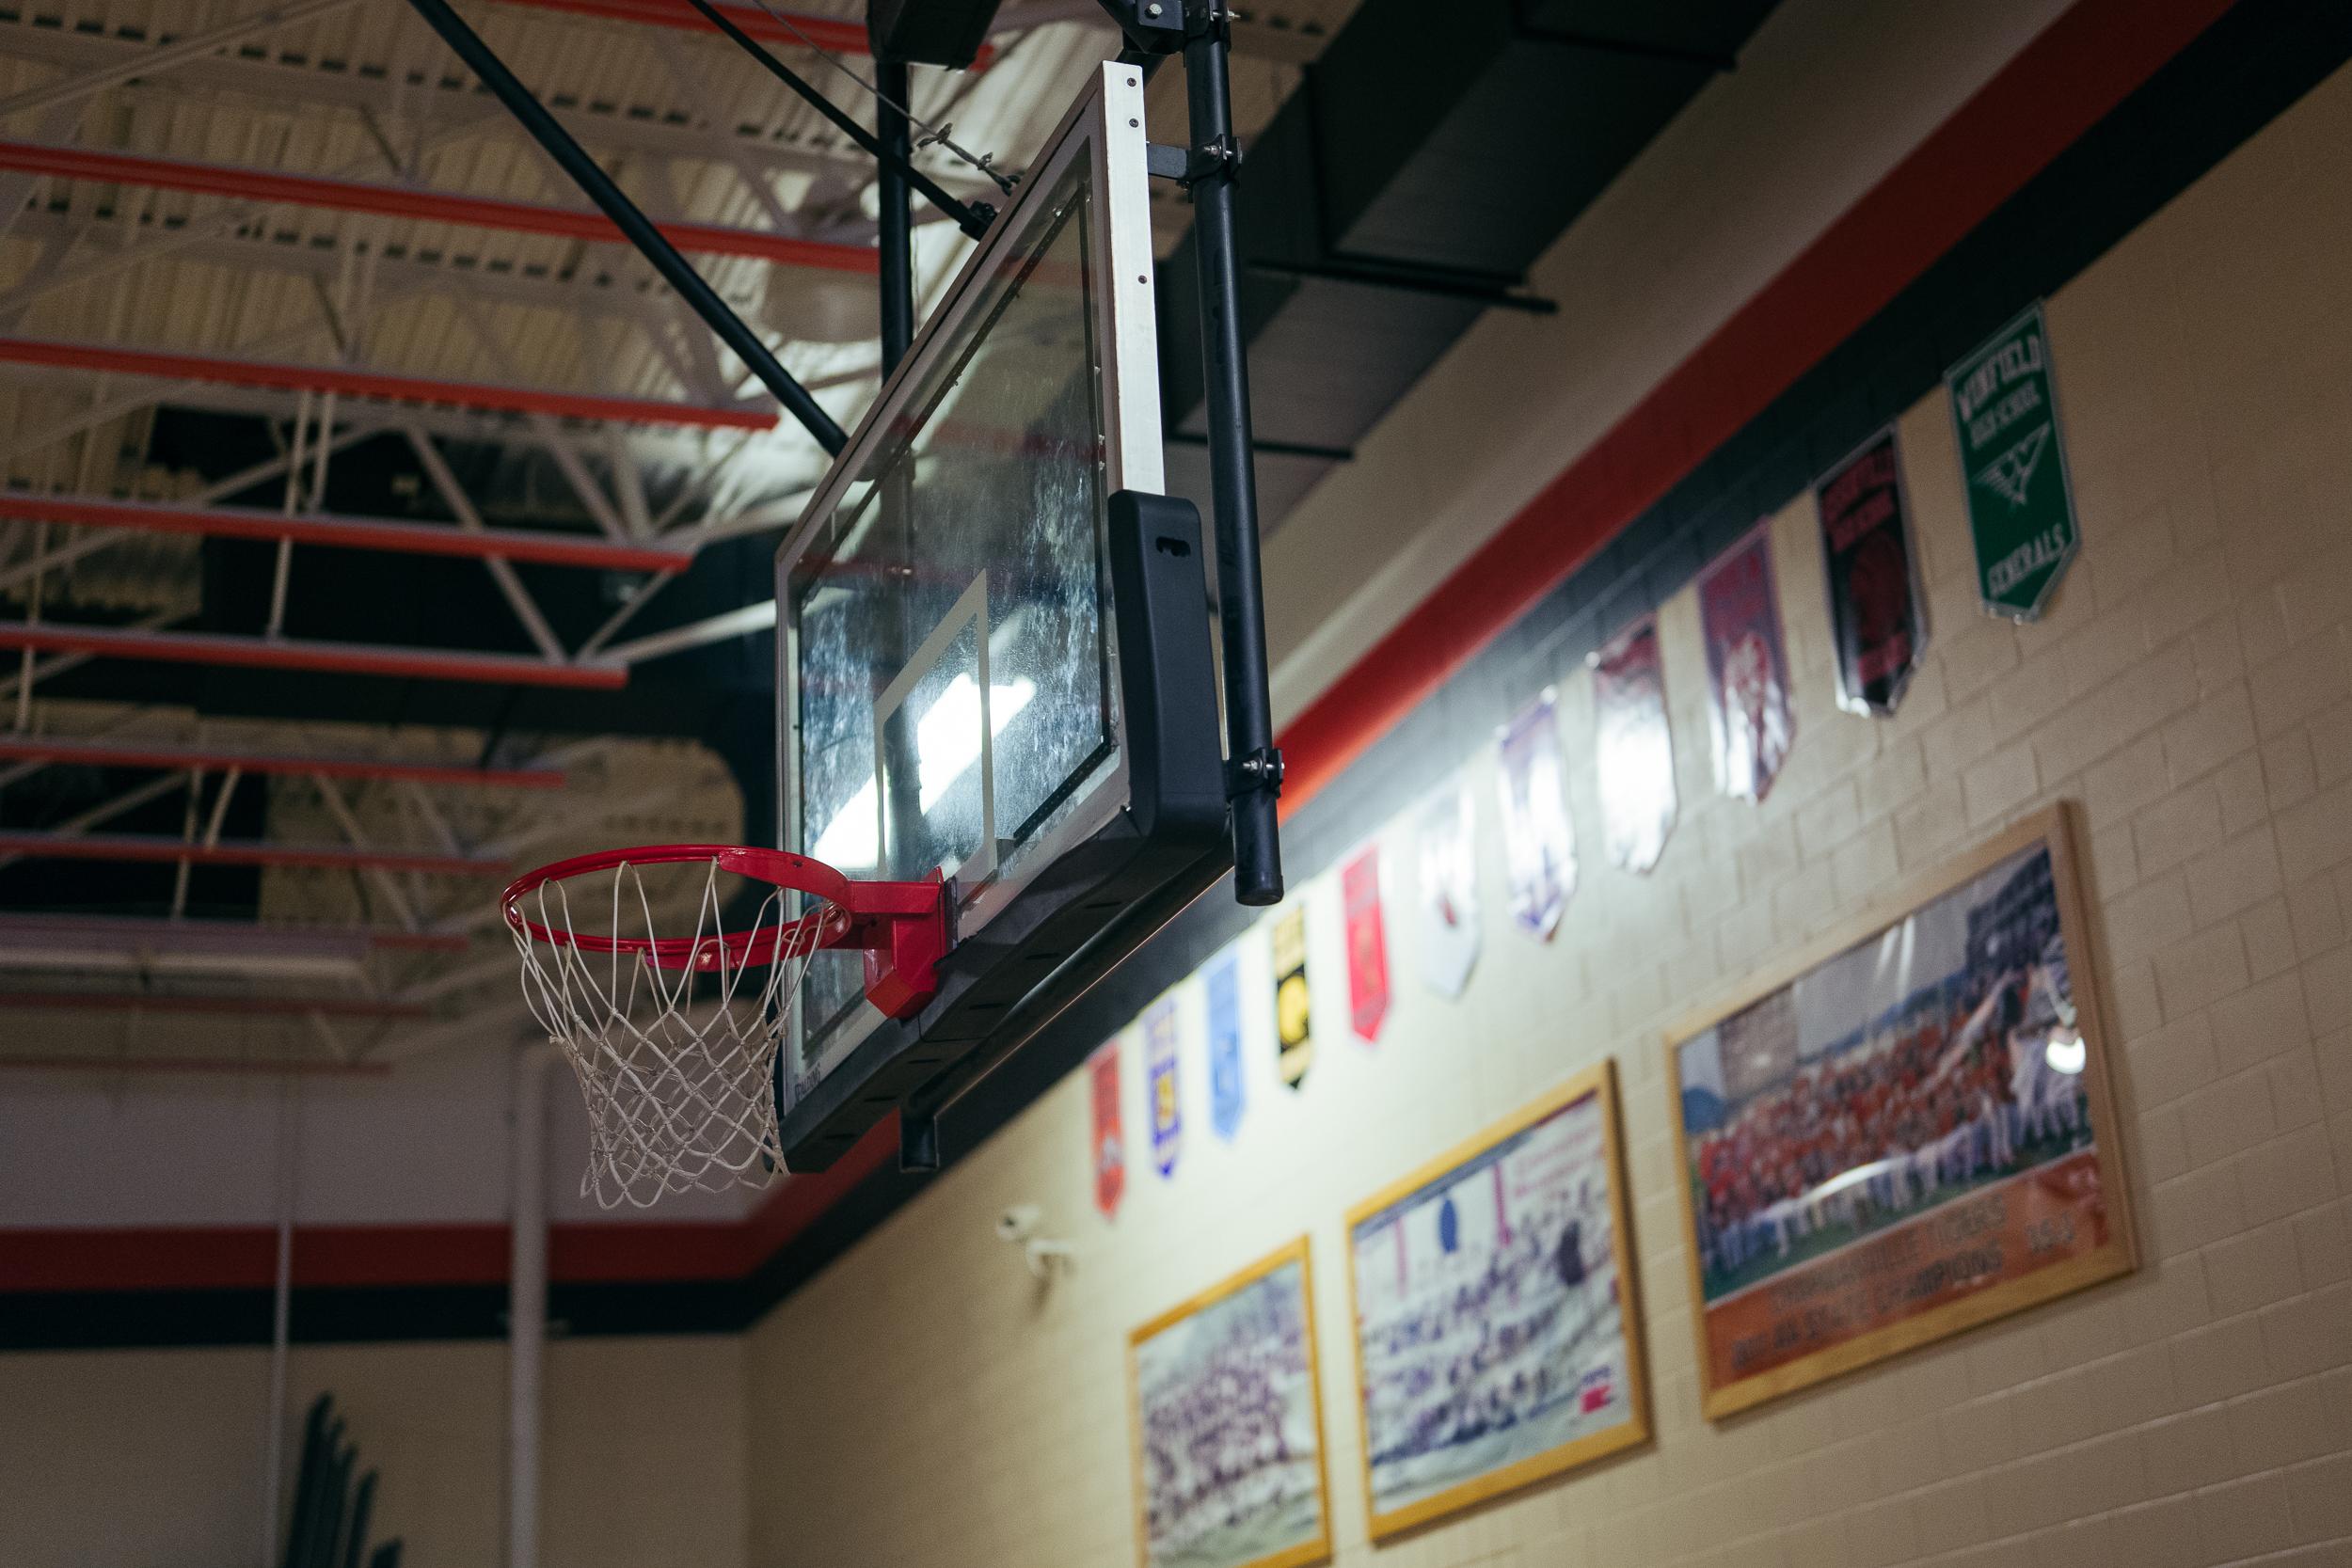 nashville united states commercial education photographers photojournalistic documentary ©2019abigailbobophotography-1.jpg